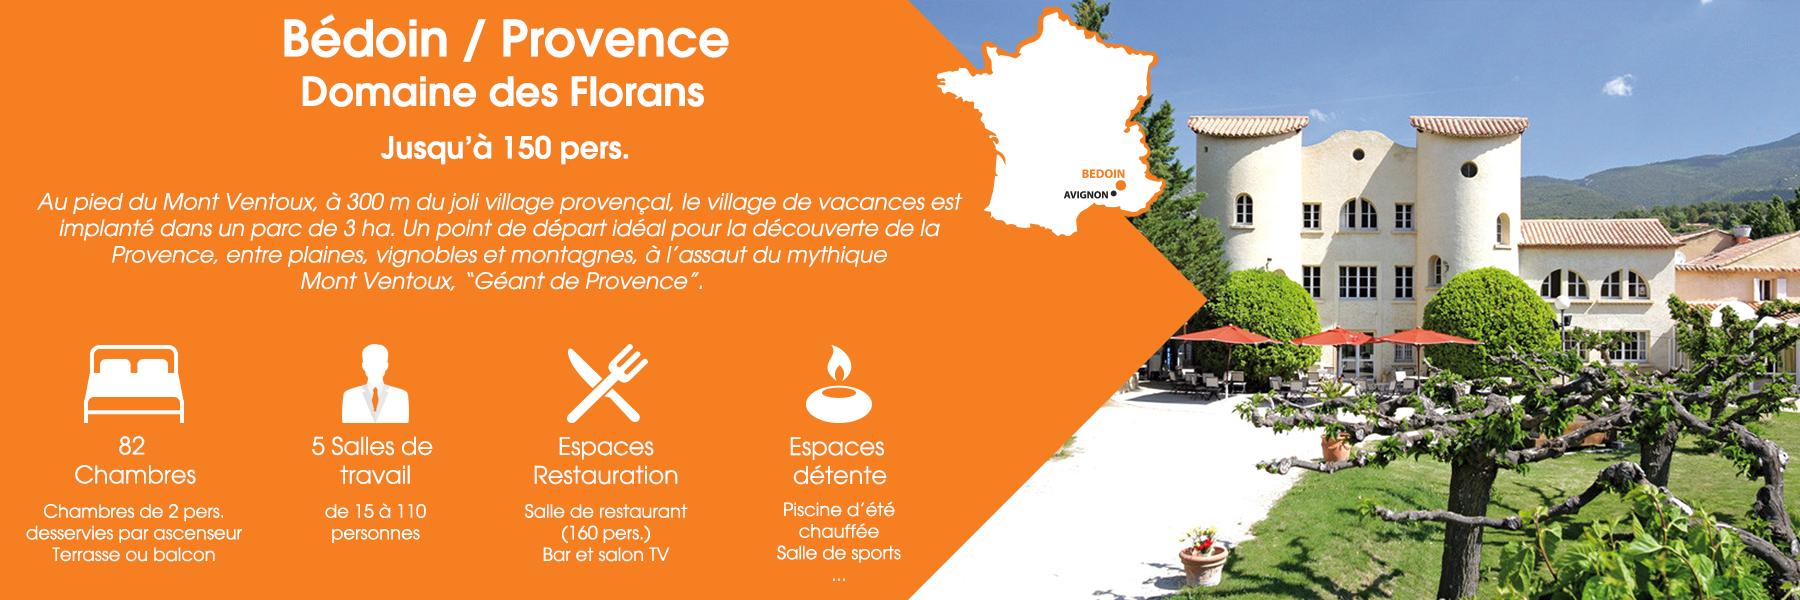 """Le Domaine des Florans à Bédoin, en Provence, peut accueillir jusqu'à 150 personnes. Au pied du Mont Ventoux, à 300 m du joli village provençal, le village de vacances est implanté dans un parc de 3 ha. Un point de départ idéal pour la découverte de la Provence, entre plaines, vignobles et montagnes, à l'assaut du mythique Mont Ventoux, """"Géant de Provence"""". Ce domaine est composé de 82 chambres (chambres de 2 personnes, desservies par ascenseur, avec terrasse ou balcon), de 5 salles de travail (de 15 à 110 personnes), d'espaces de restauration (une salle de restaurant pour 160 personnes, un bar et un salon TV) et d'espaces de détente (une piscine d'été et une salle de sports)."""